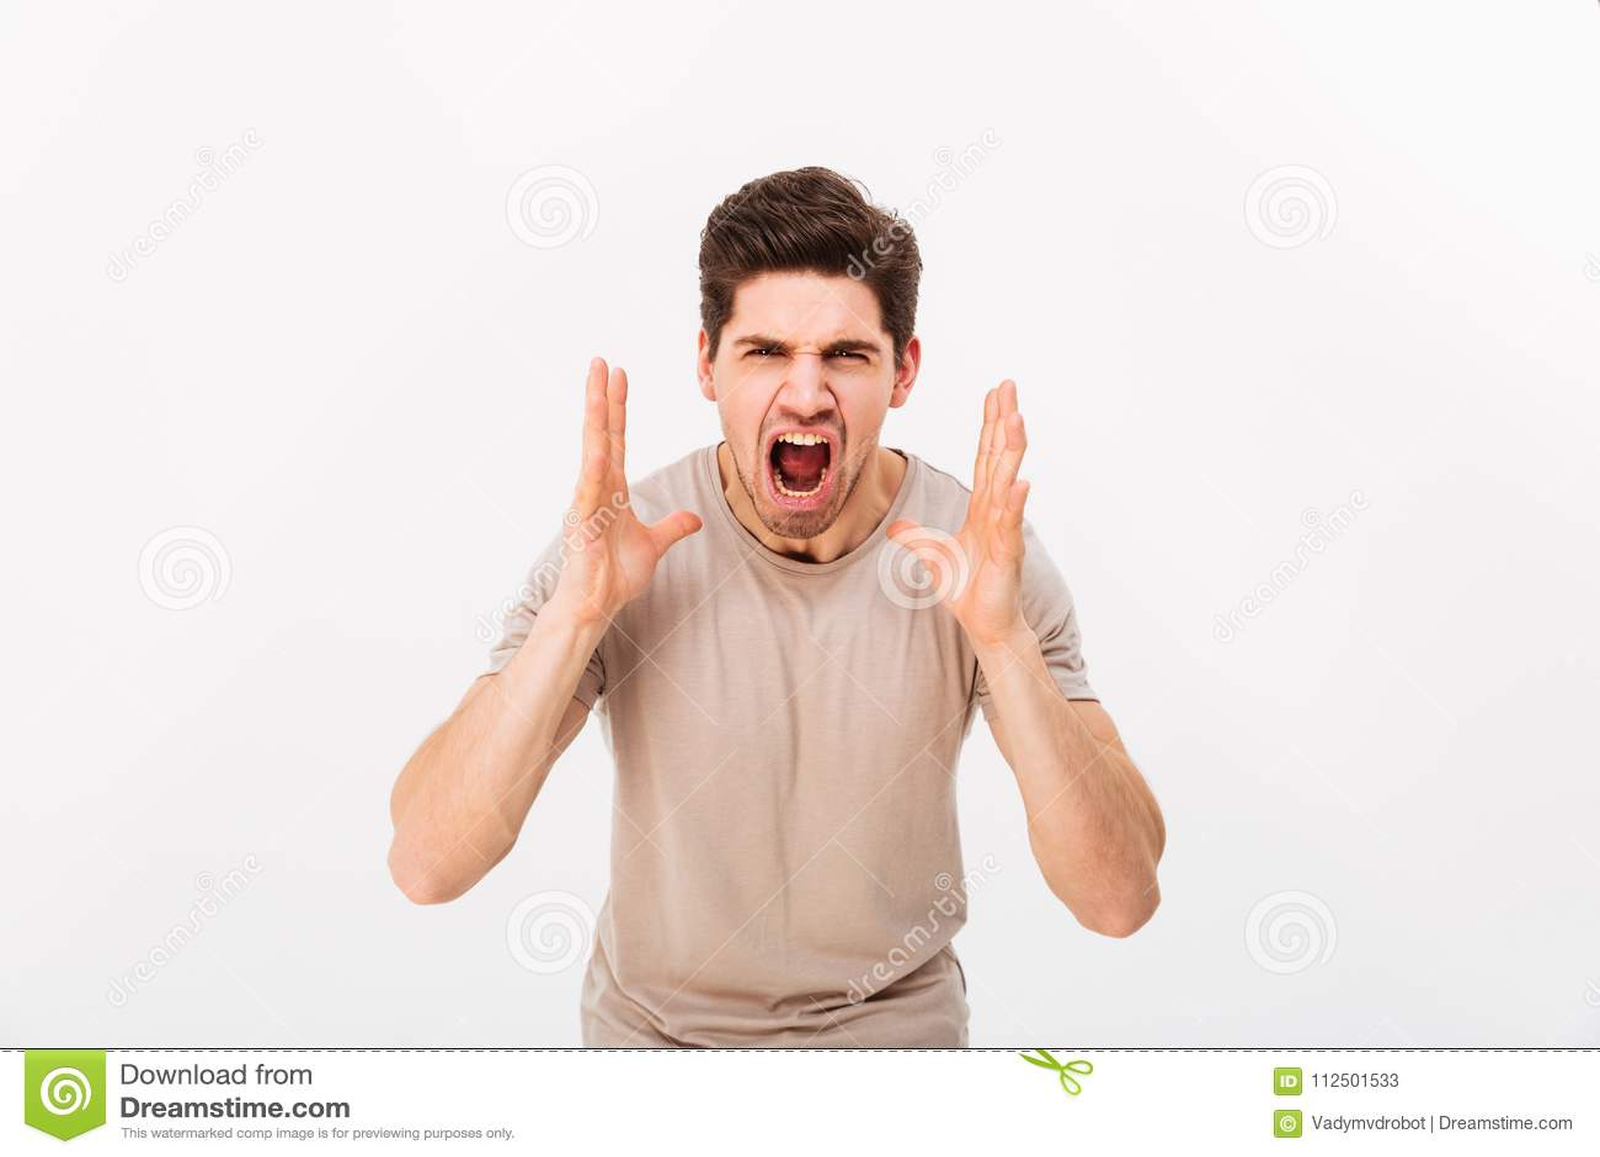 Foto dell uomo aggressivo o irritato che grida sulla macchina fotografica mentre l